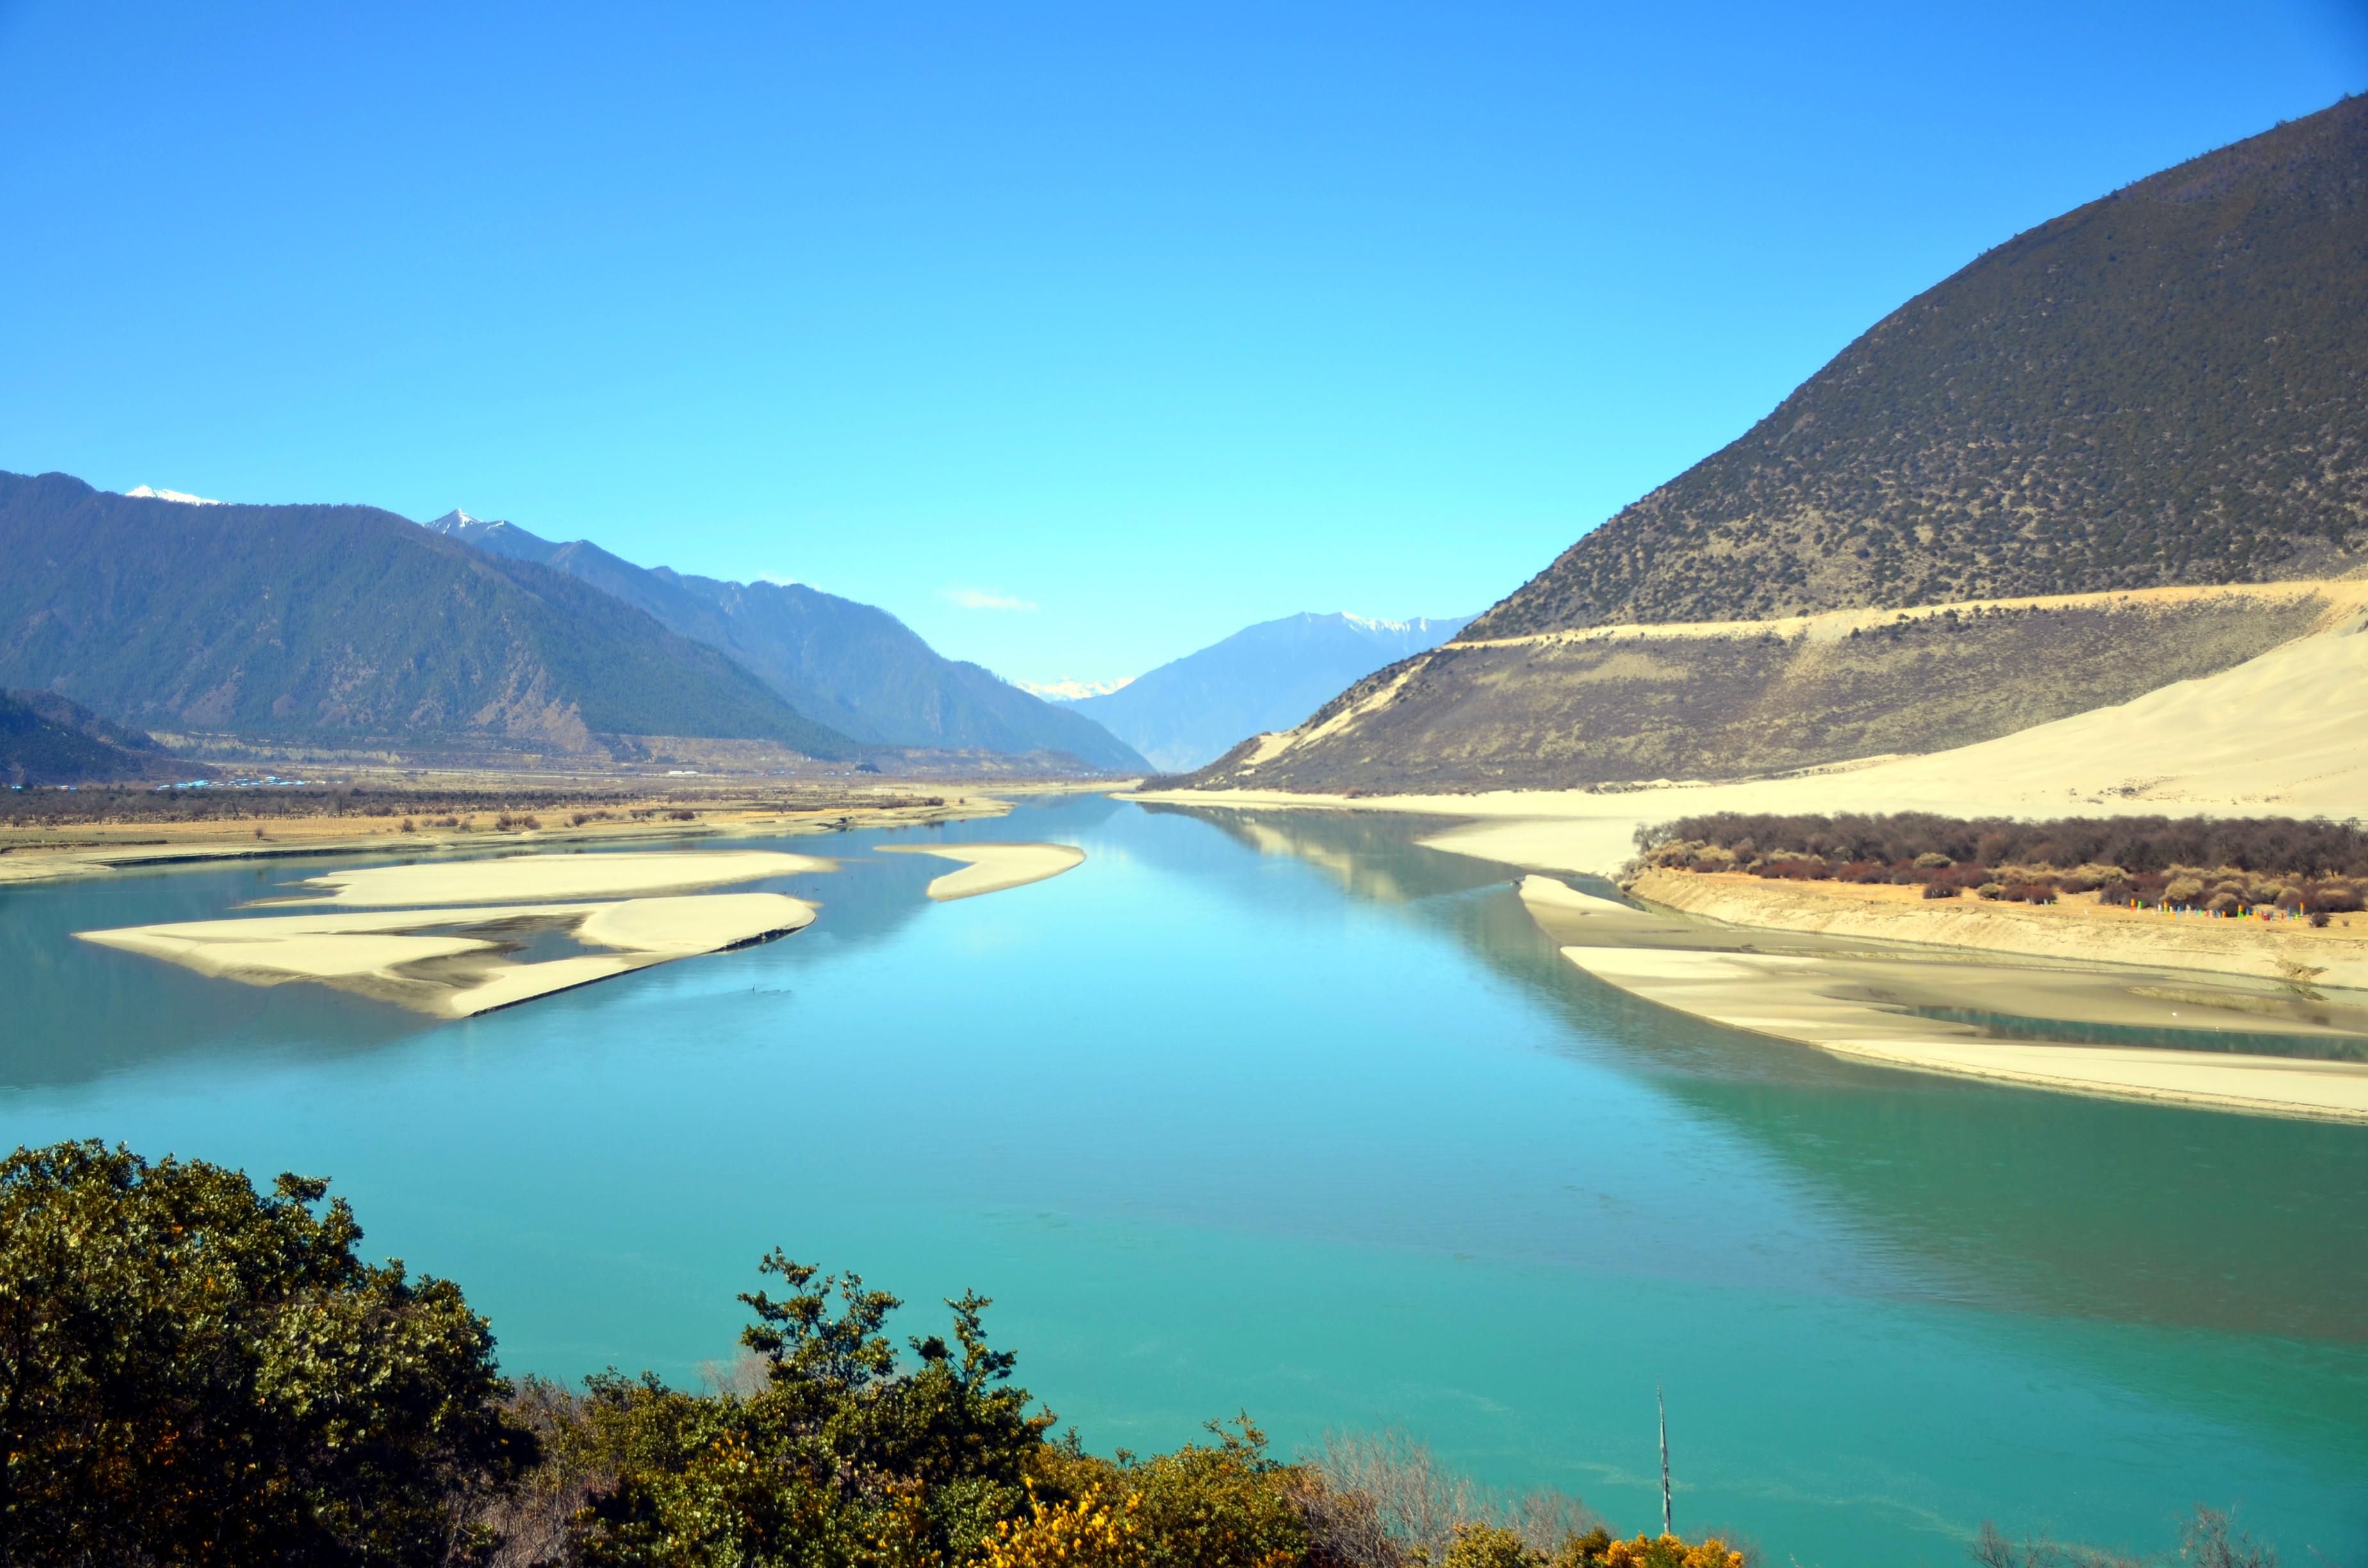 但比它更长更深,江水蓝绿,哪怕在冬季,水流也非常湍急.